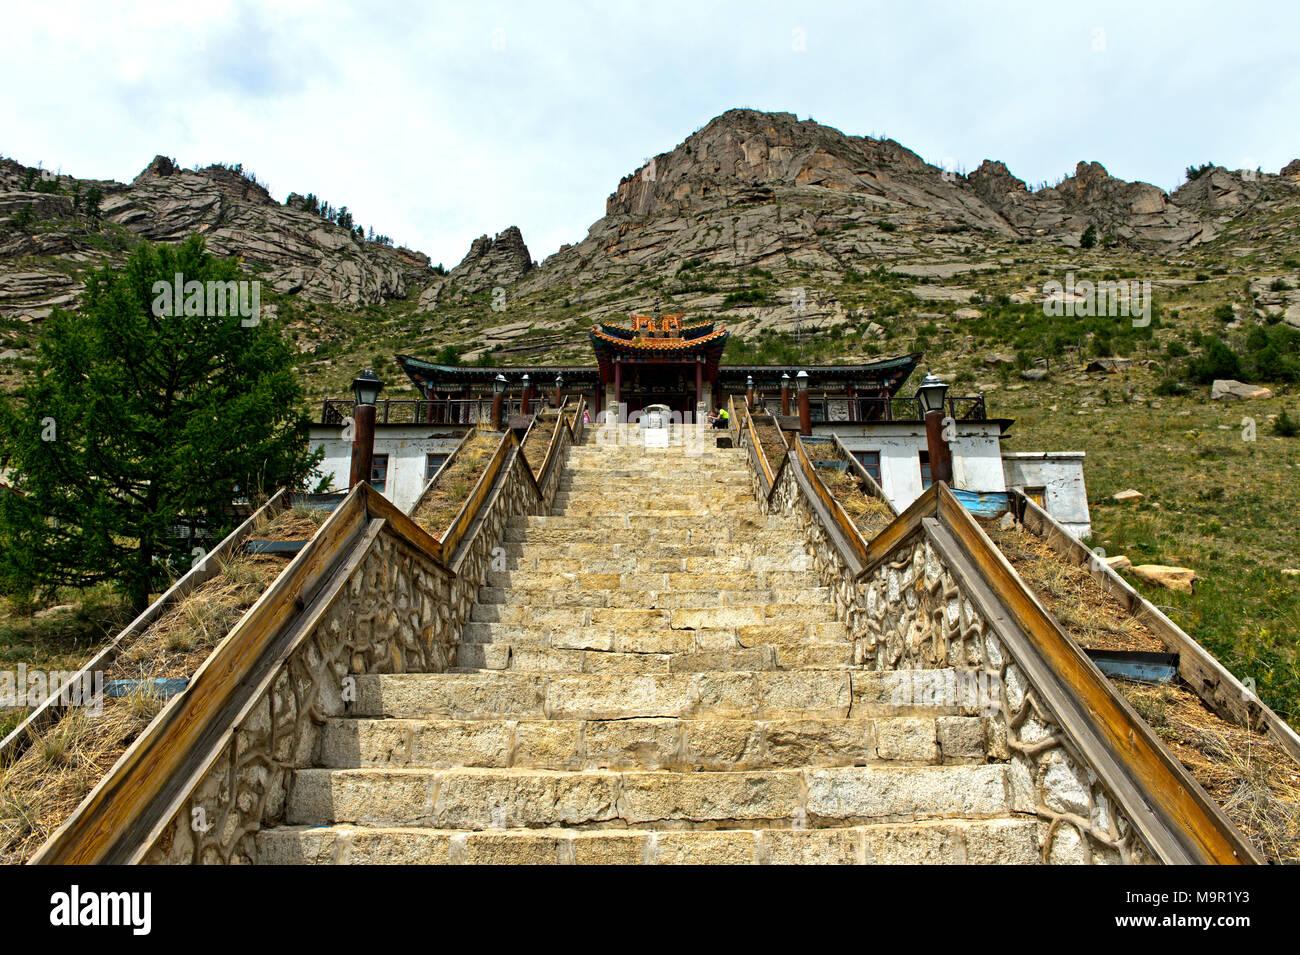 Treppe zum buddhistischen Kloster Aryapala Einleitung und Meditation Center, Gorchi-Terelj Nationalpark Terelj, Mongolei Stockbild